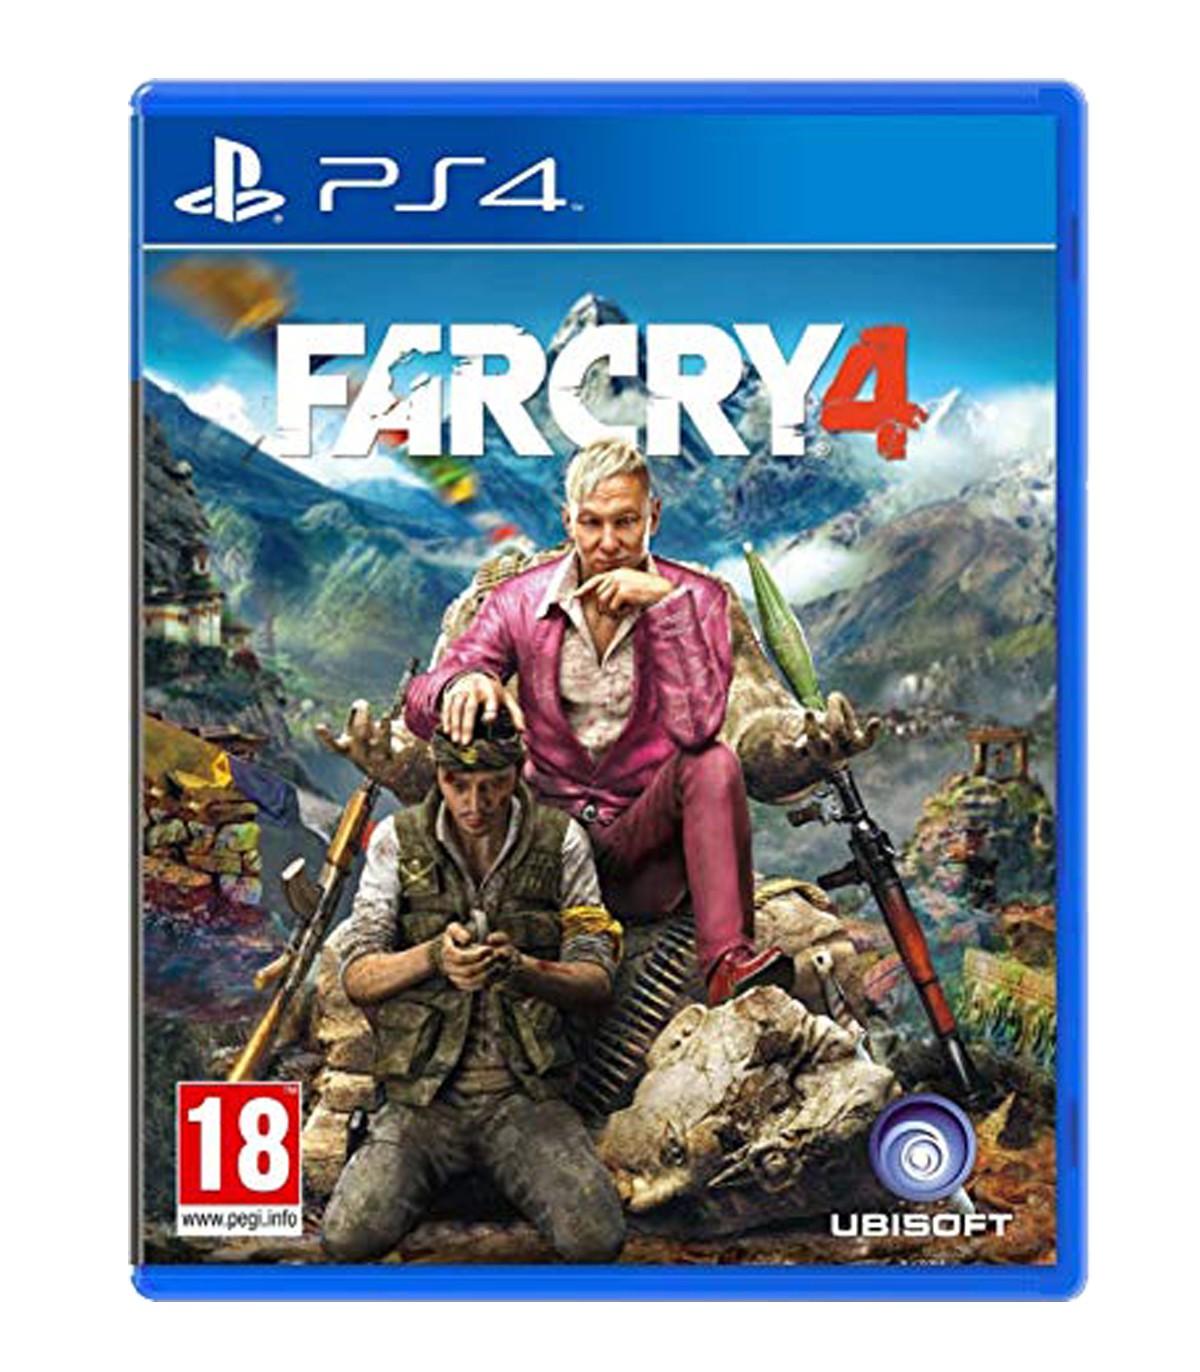 بازی Far cry 4 کارکرده - پلی استیشن 4